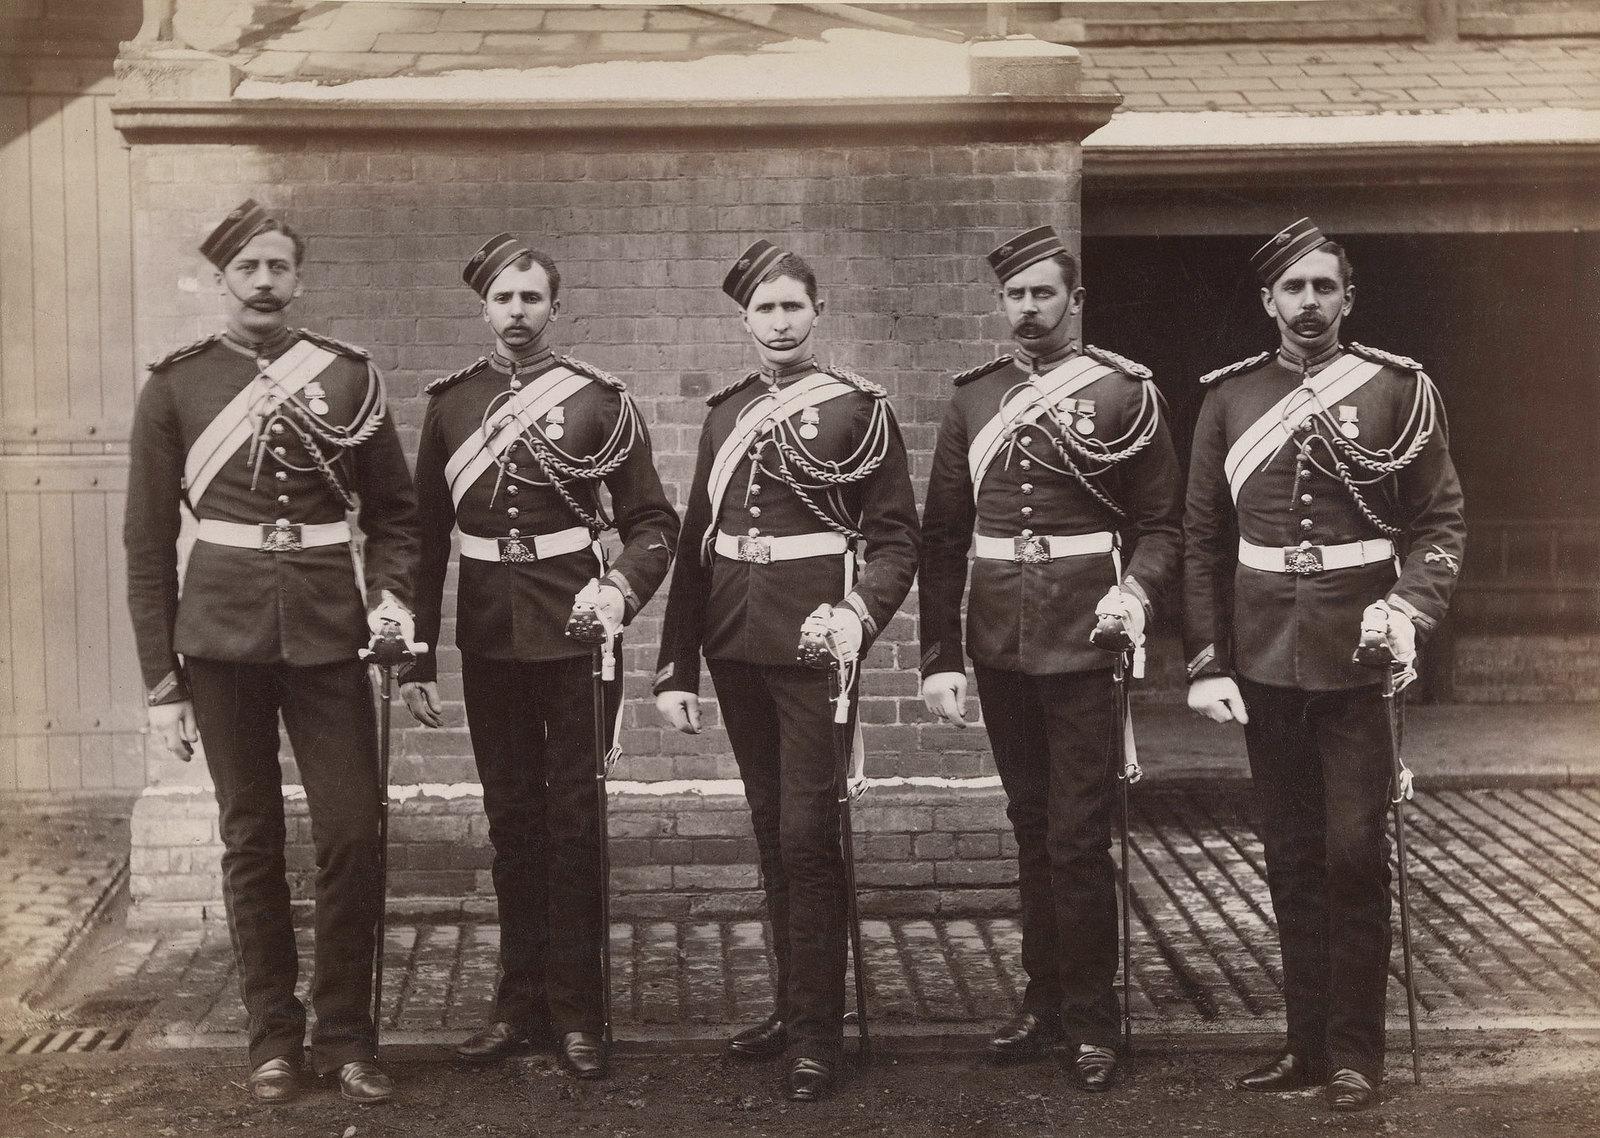 27. Фотография пяти унтер-офицеров из лейб-гвардии, участвовавших в англо-египетской войне